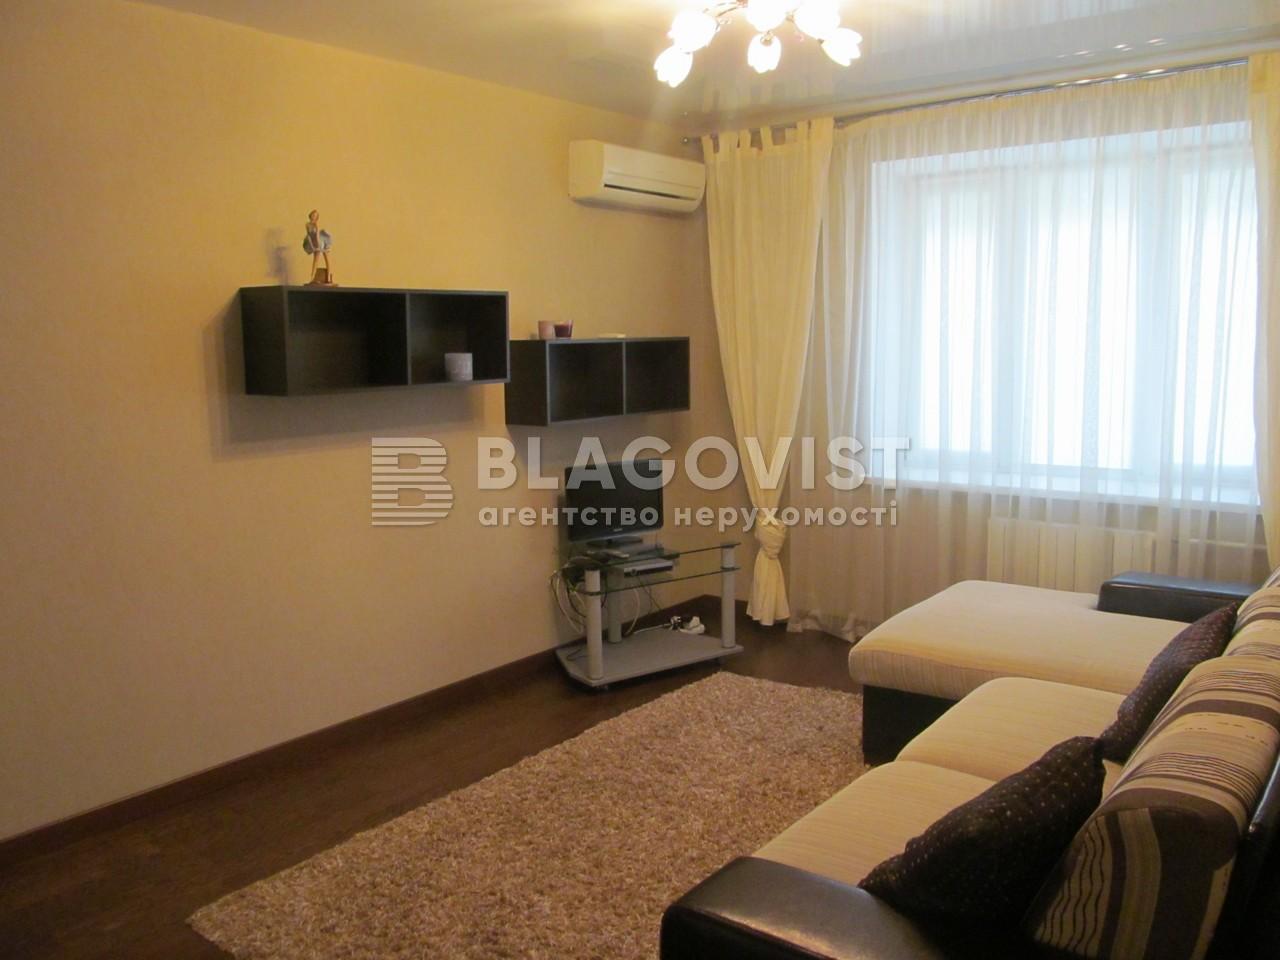 Квартира C-102854, Рыбальская, 8, Киев - Фото 6